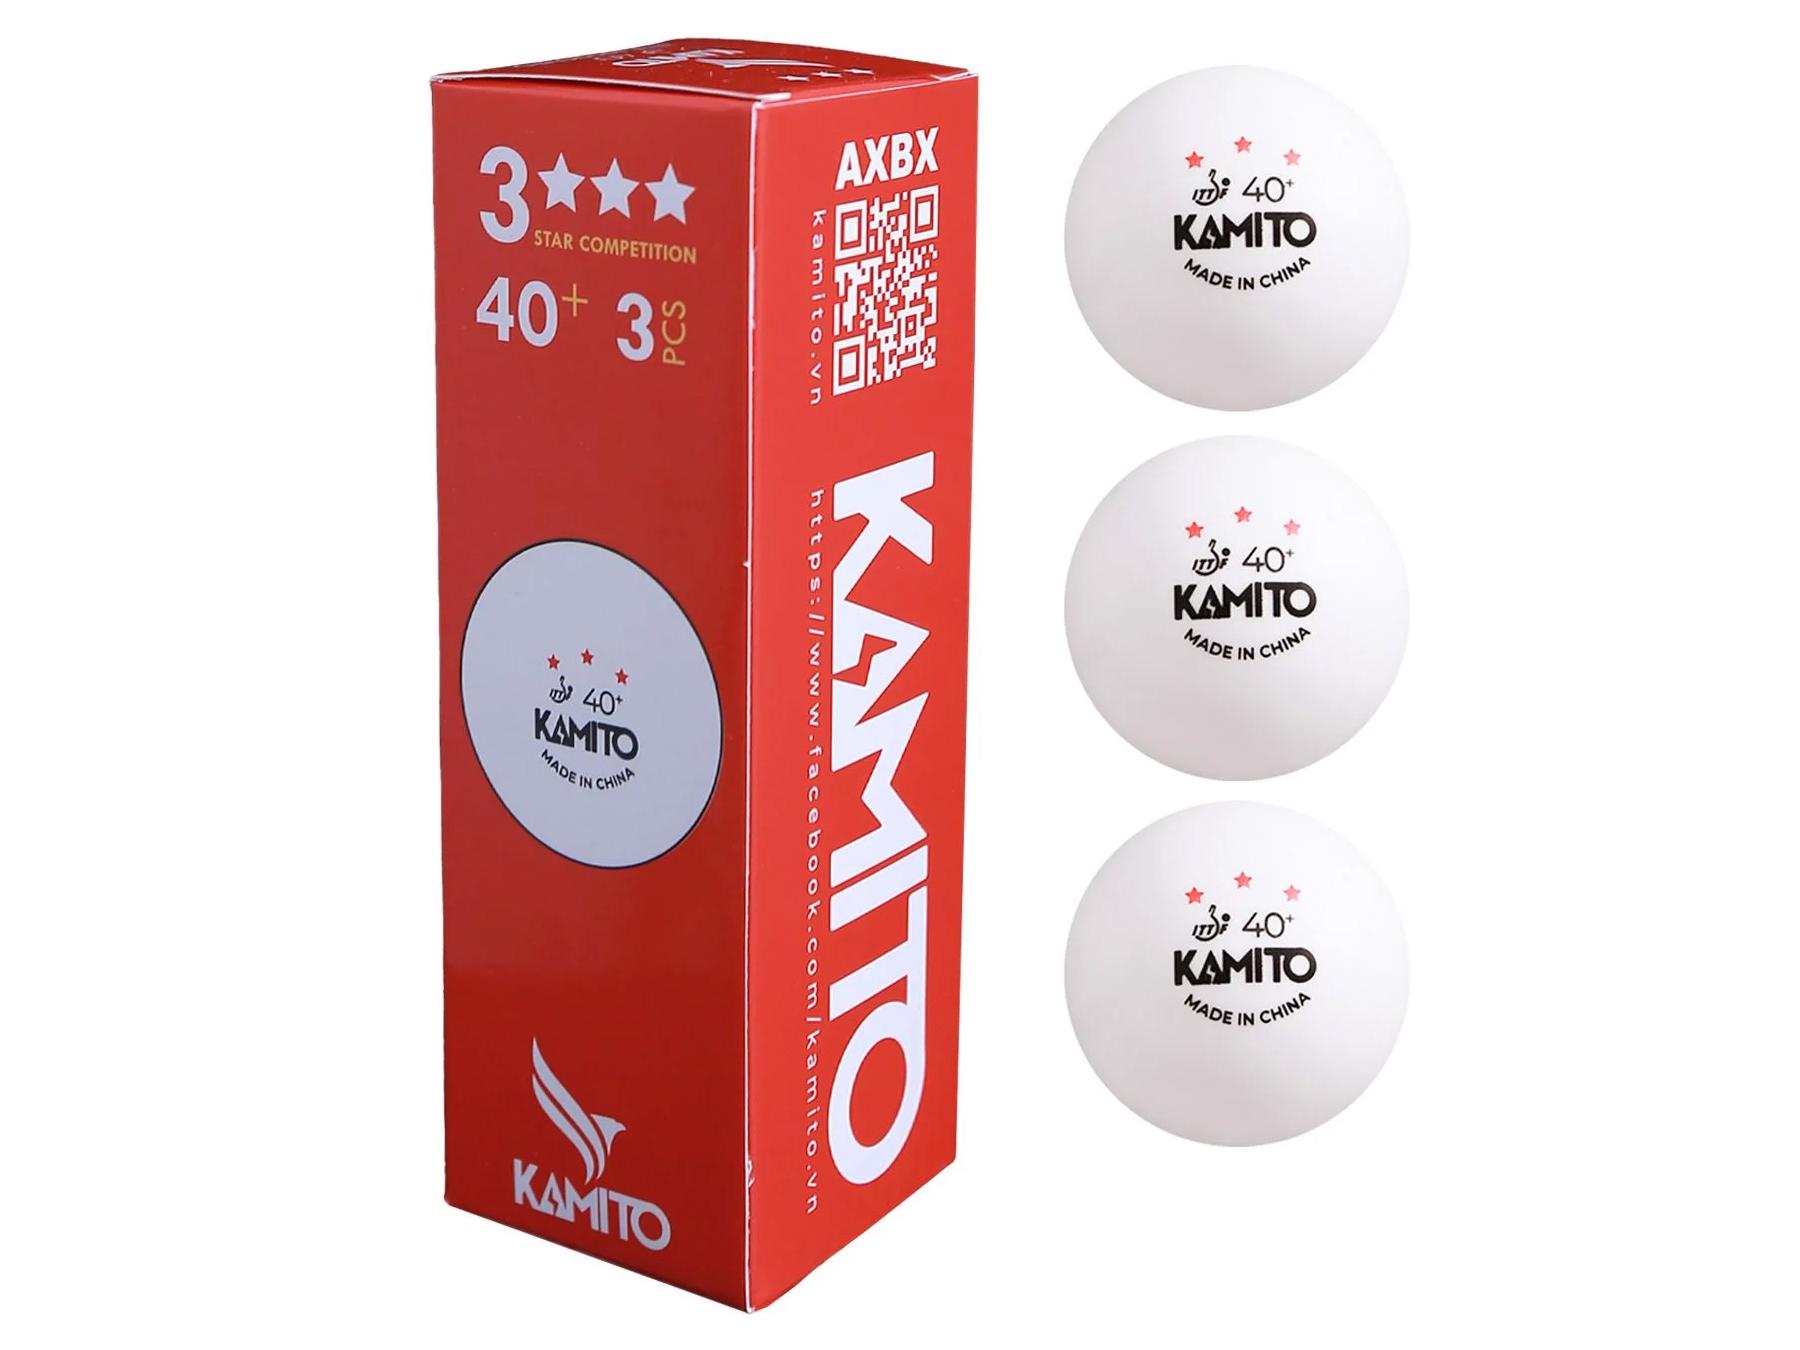 Quả bóng bàn Kamito 3 sao